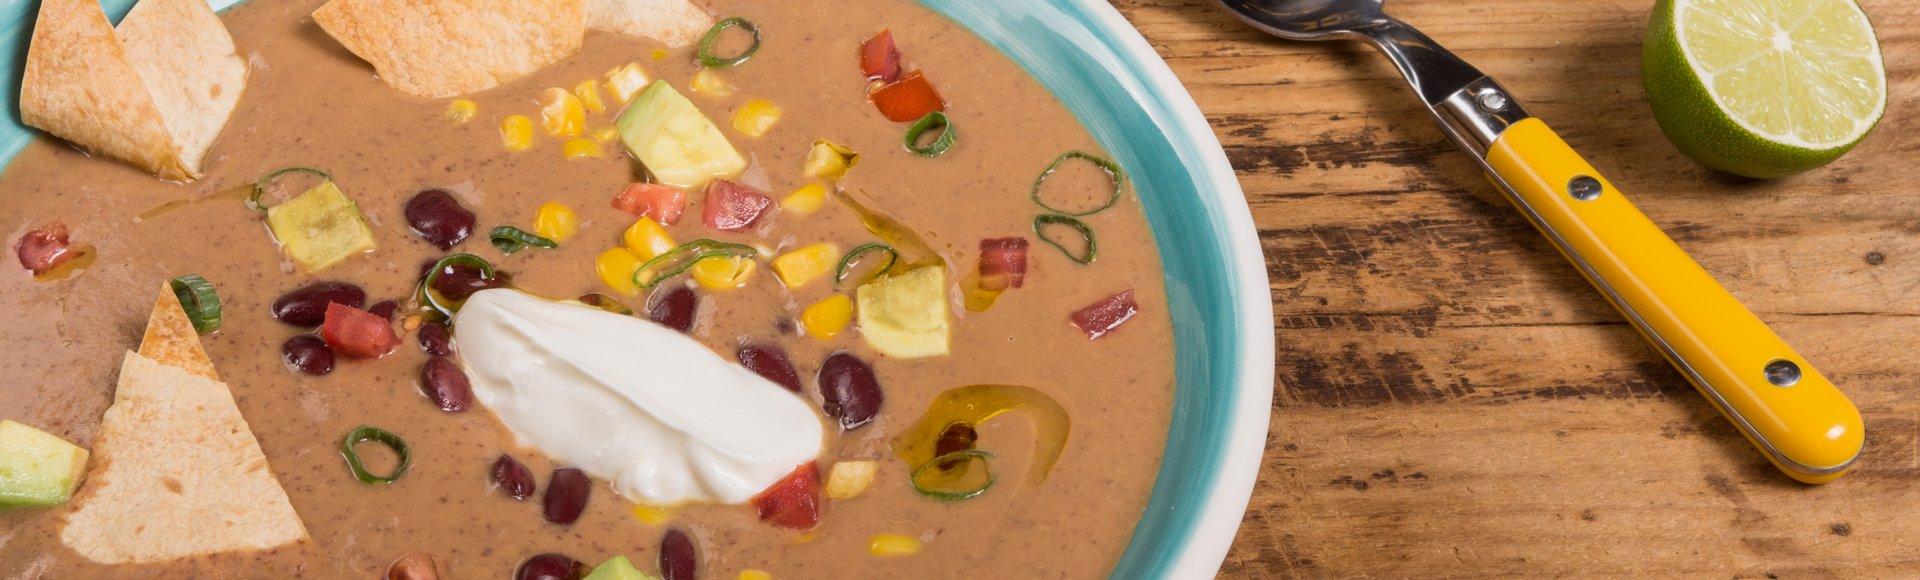 Σούπα από κόκκινα φασόλια με αβοκάντο και καλαμπόκι